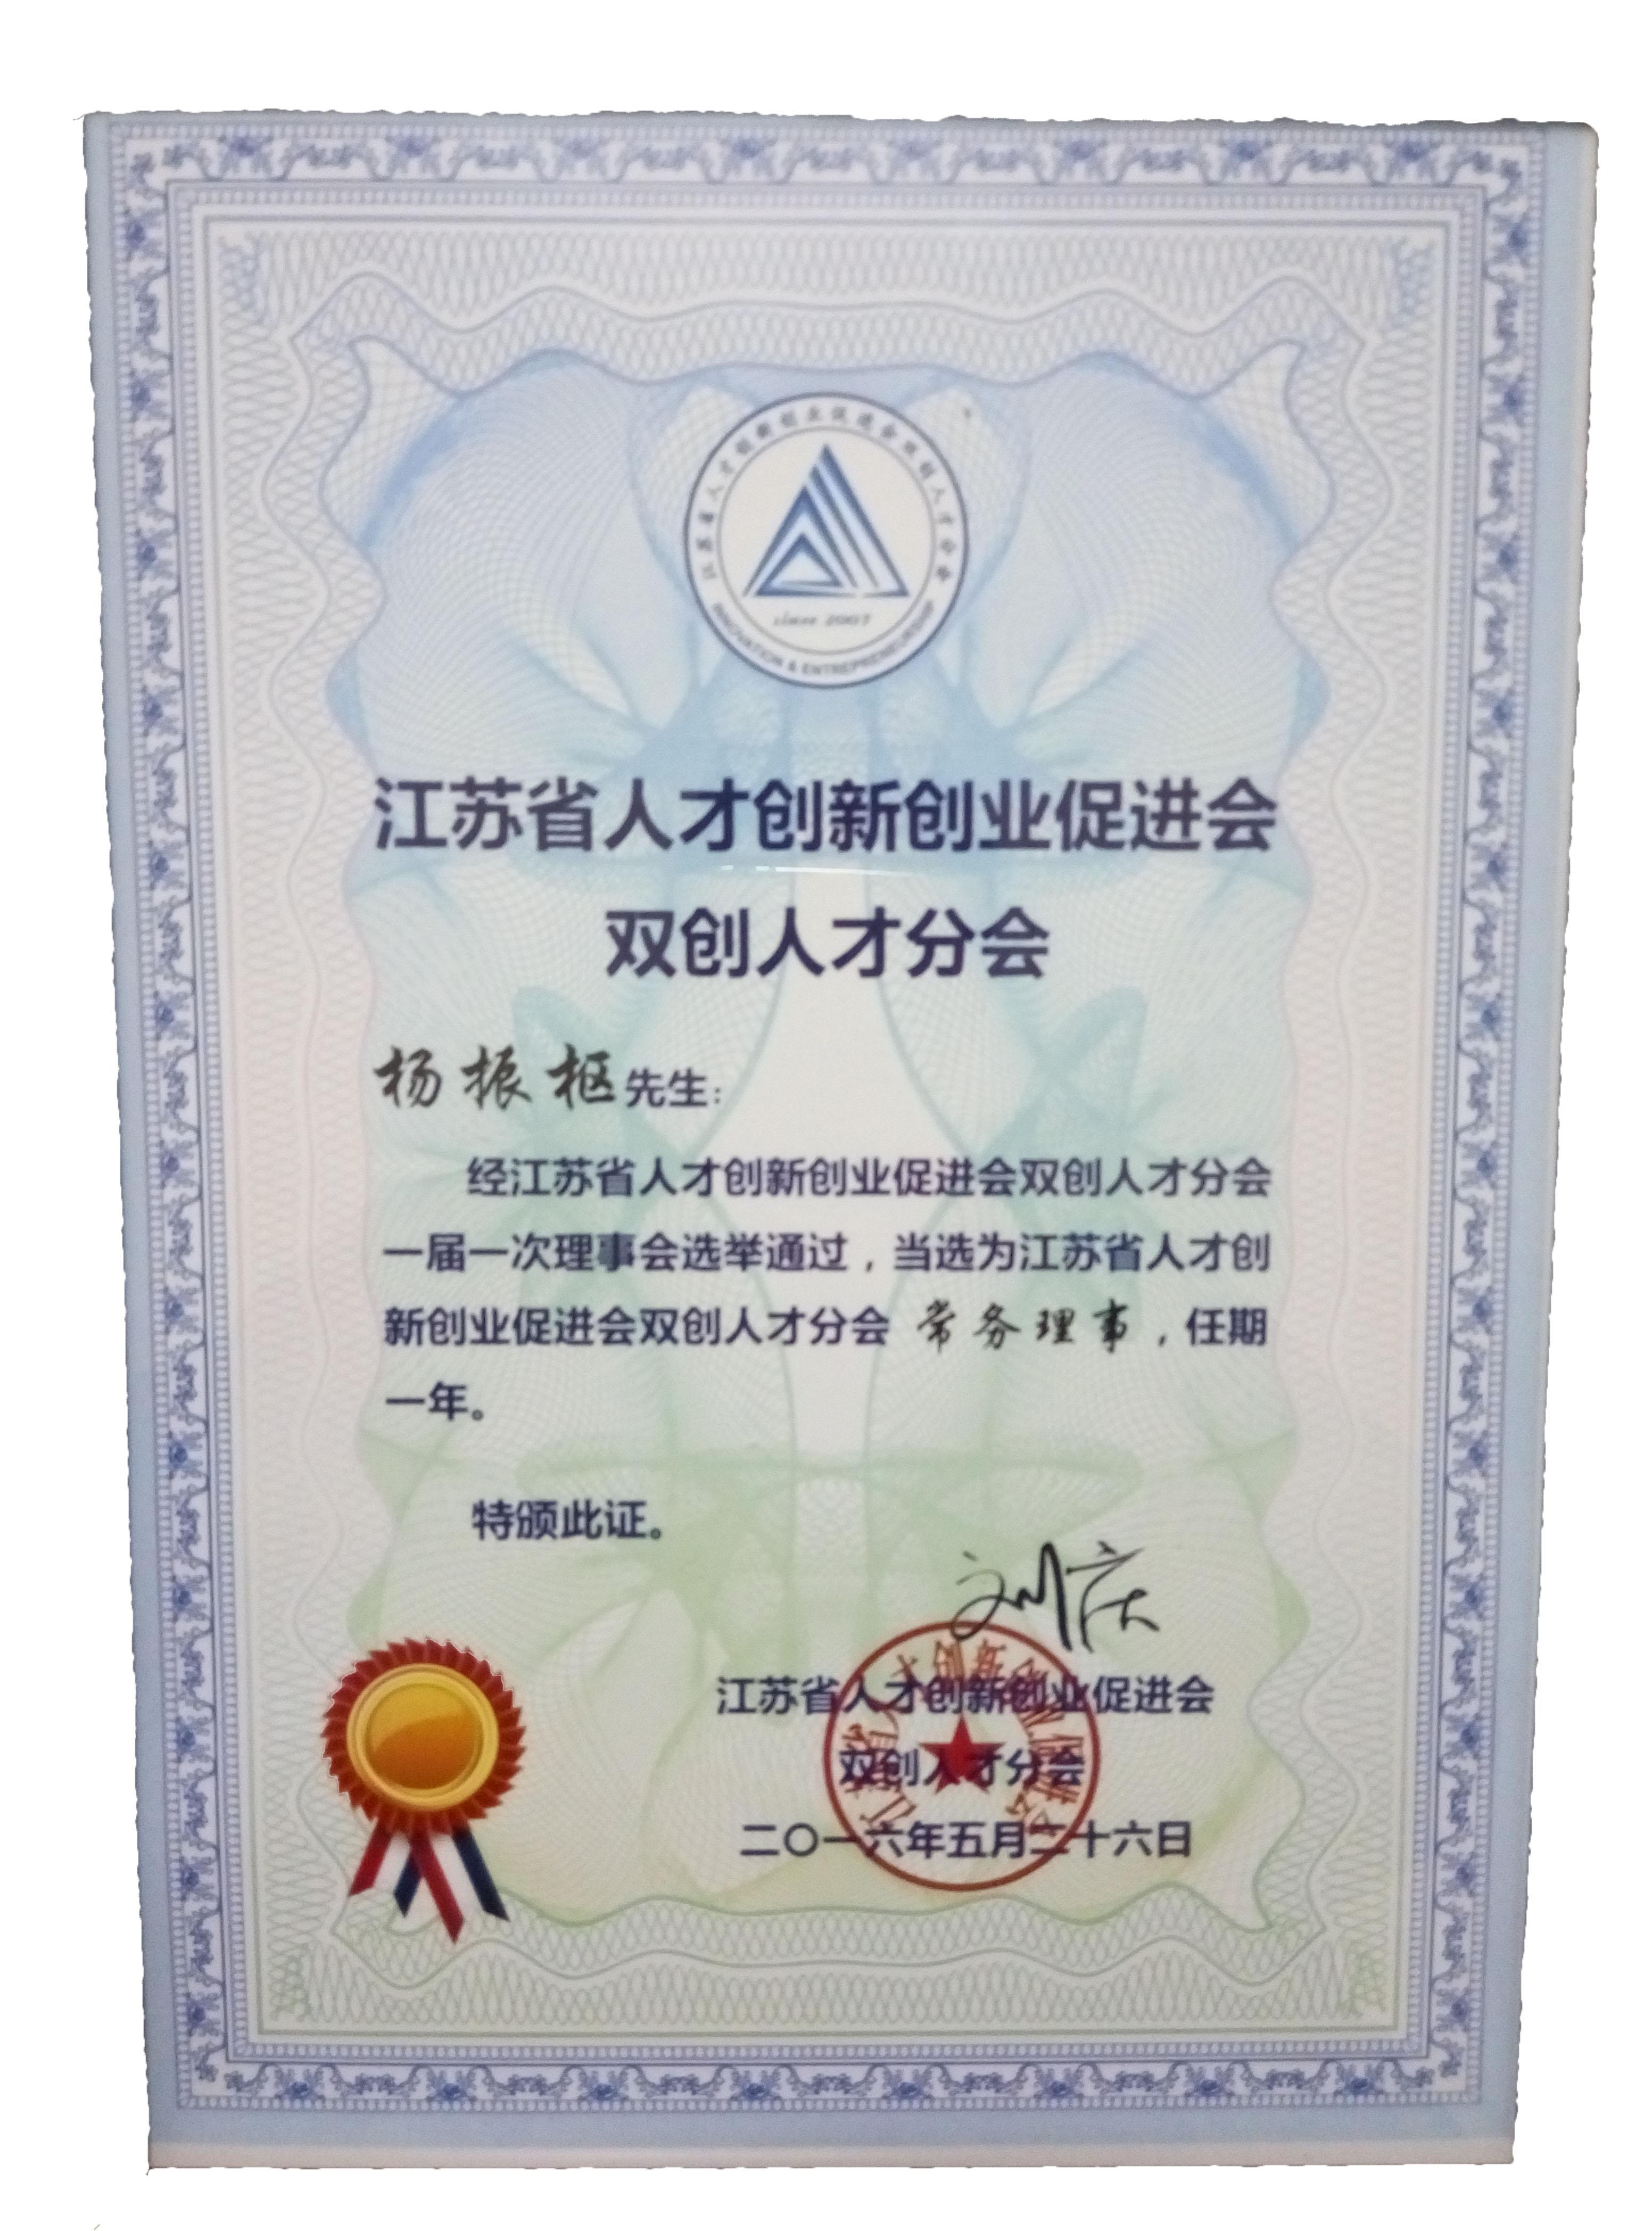 江蘇省雙創協會證書